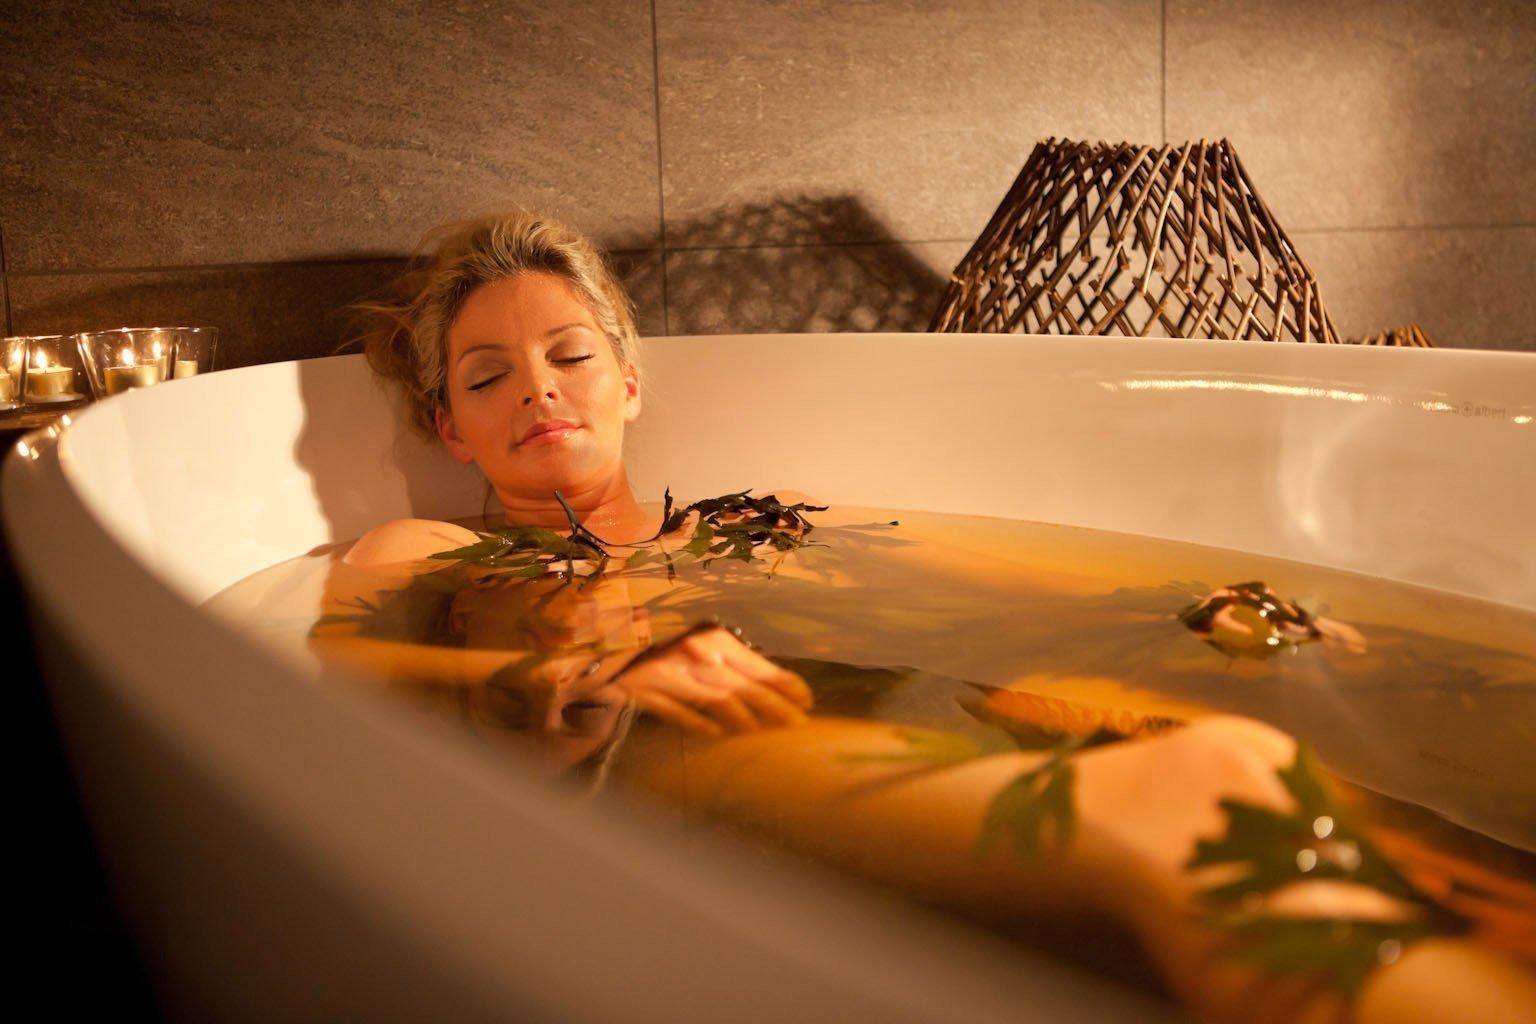 Как принять ванну с пользой Официальный сайт. - Едим Дома 76